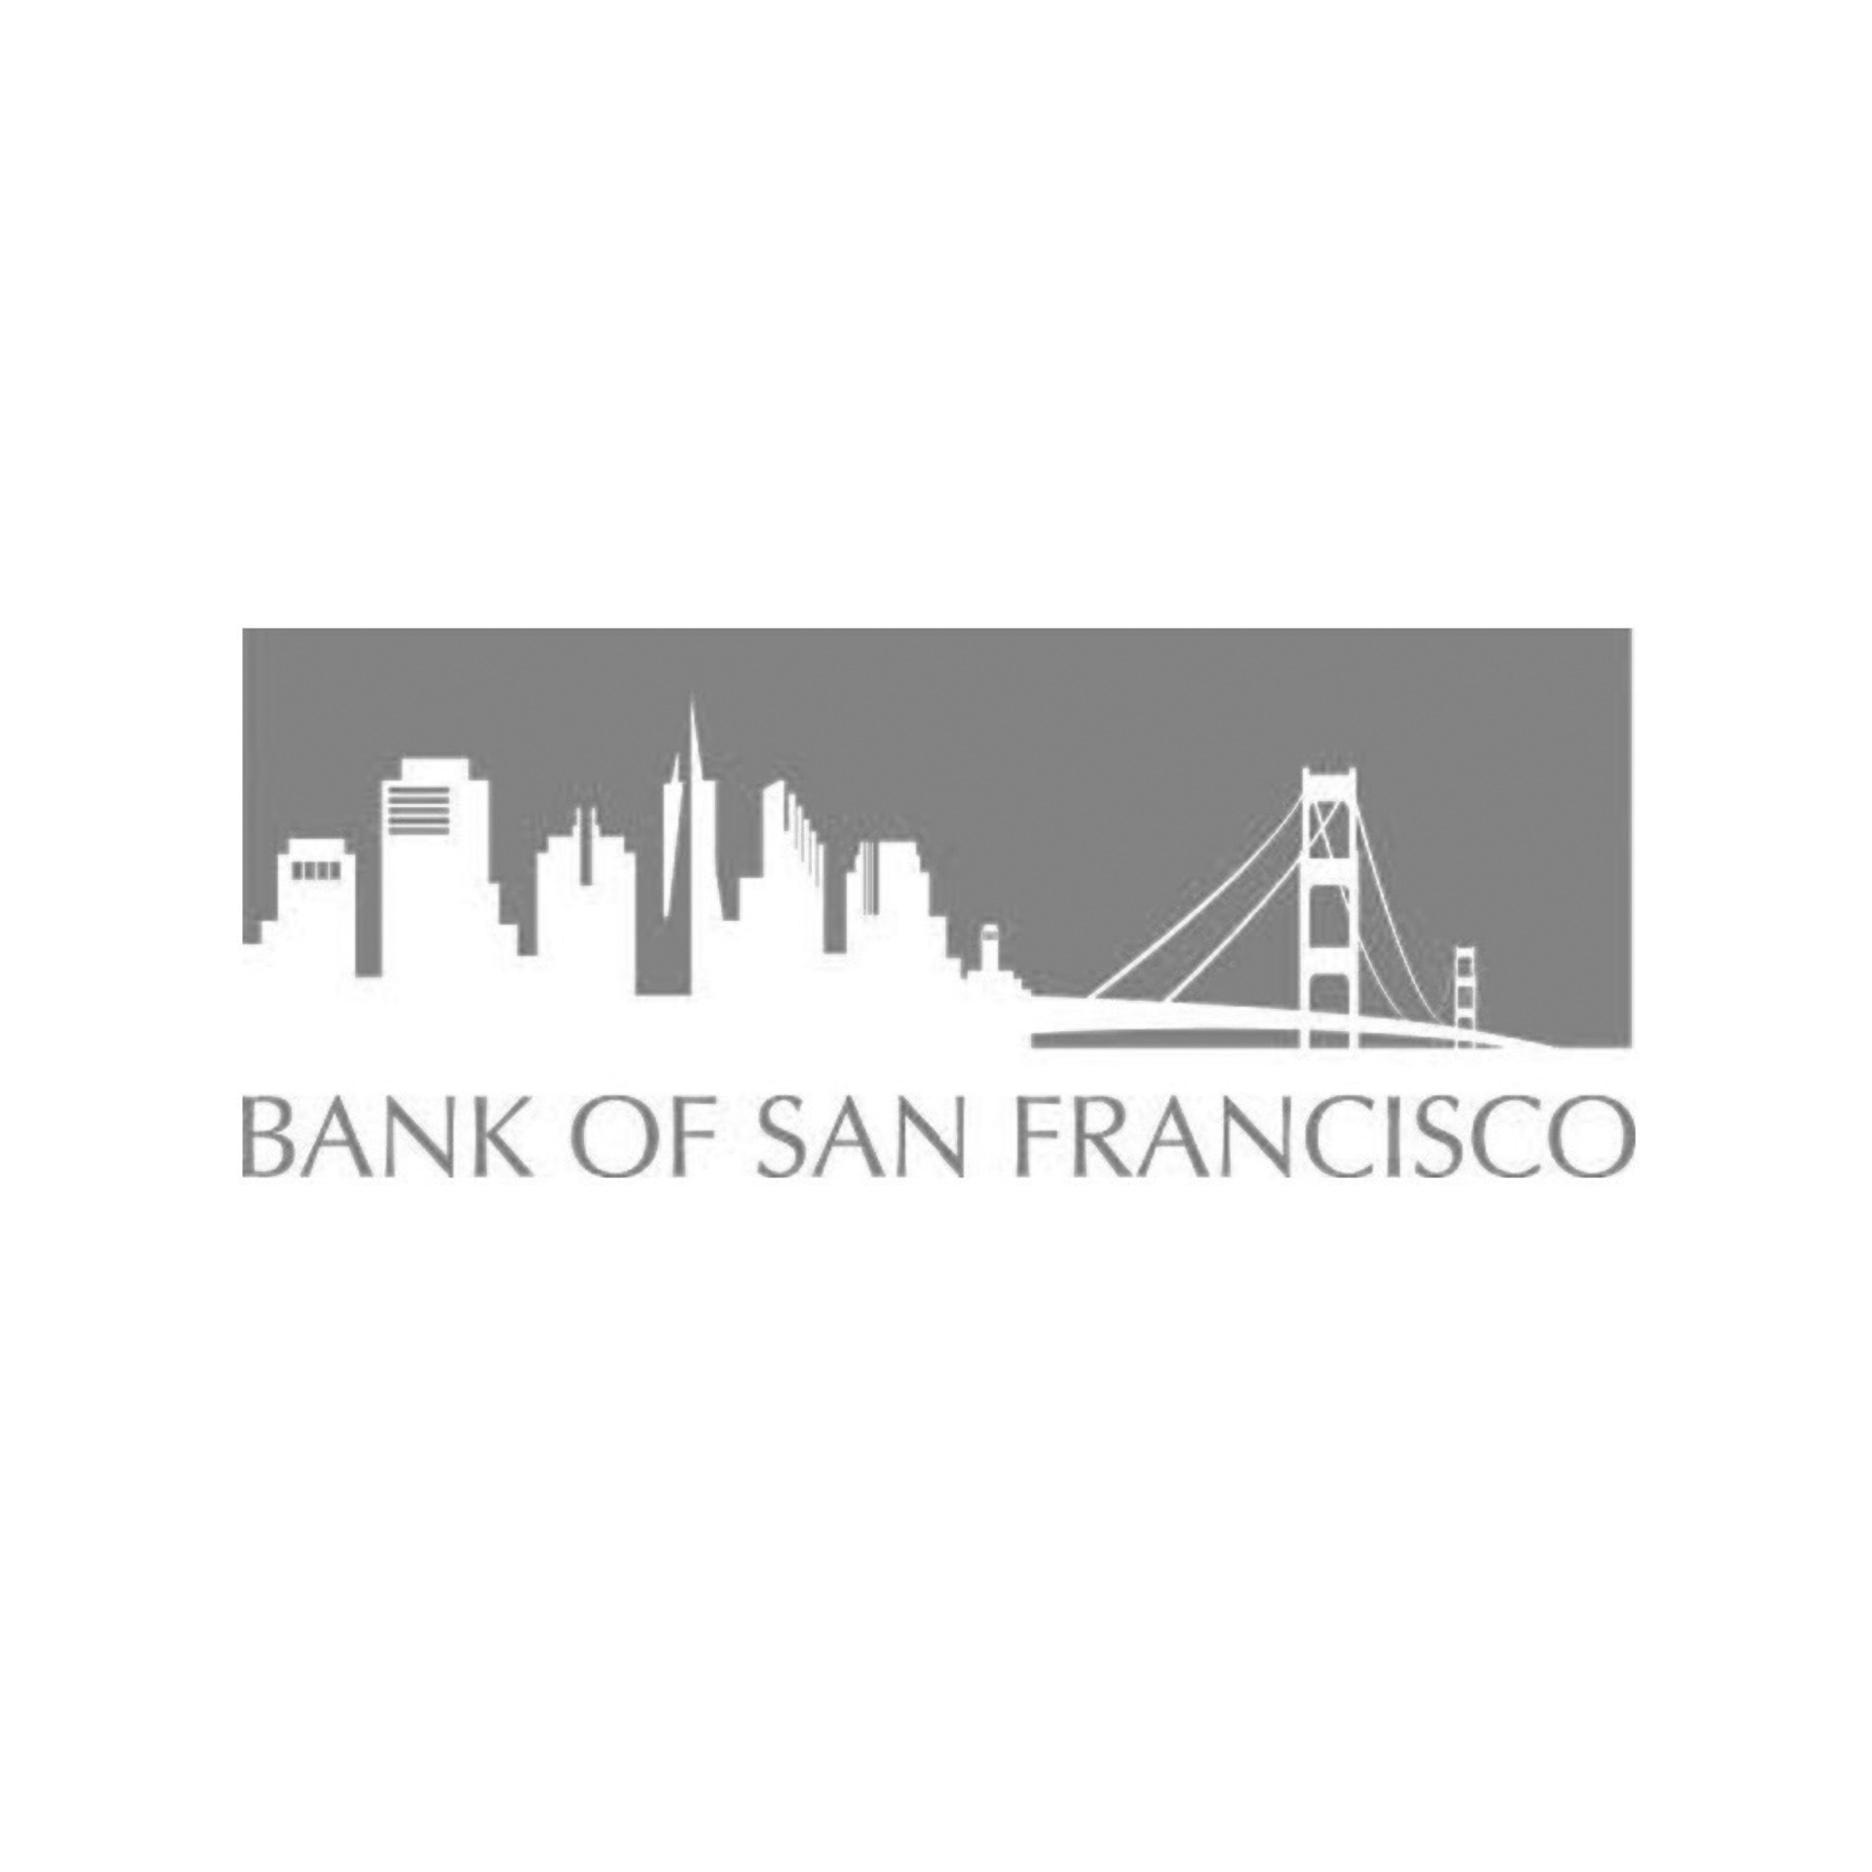 Bank-of-San-Francisco.jpg